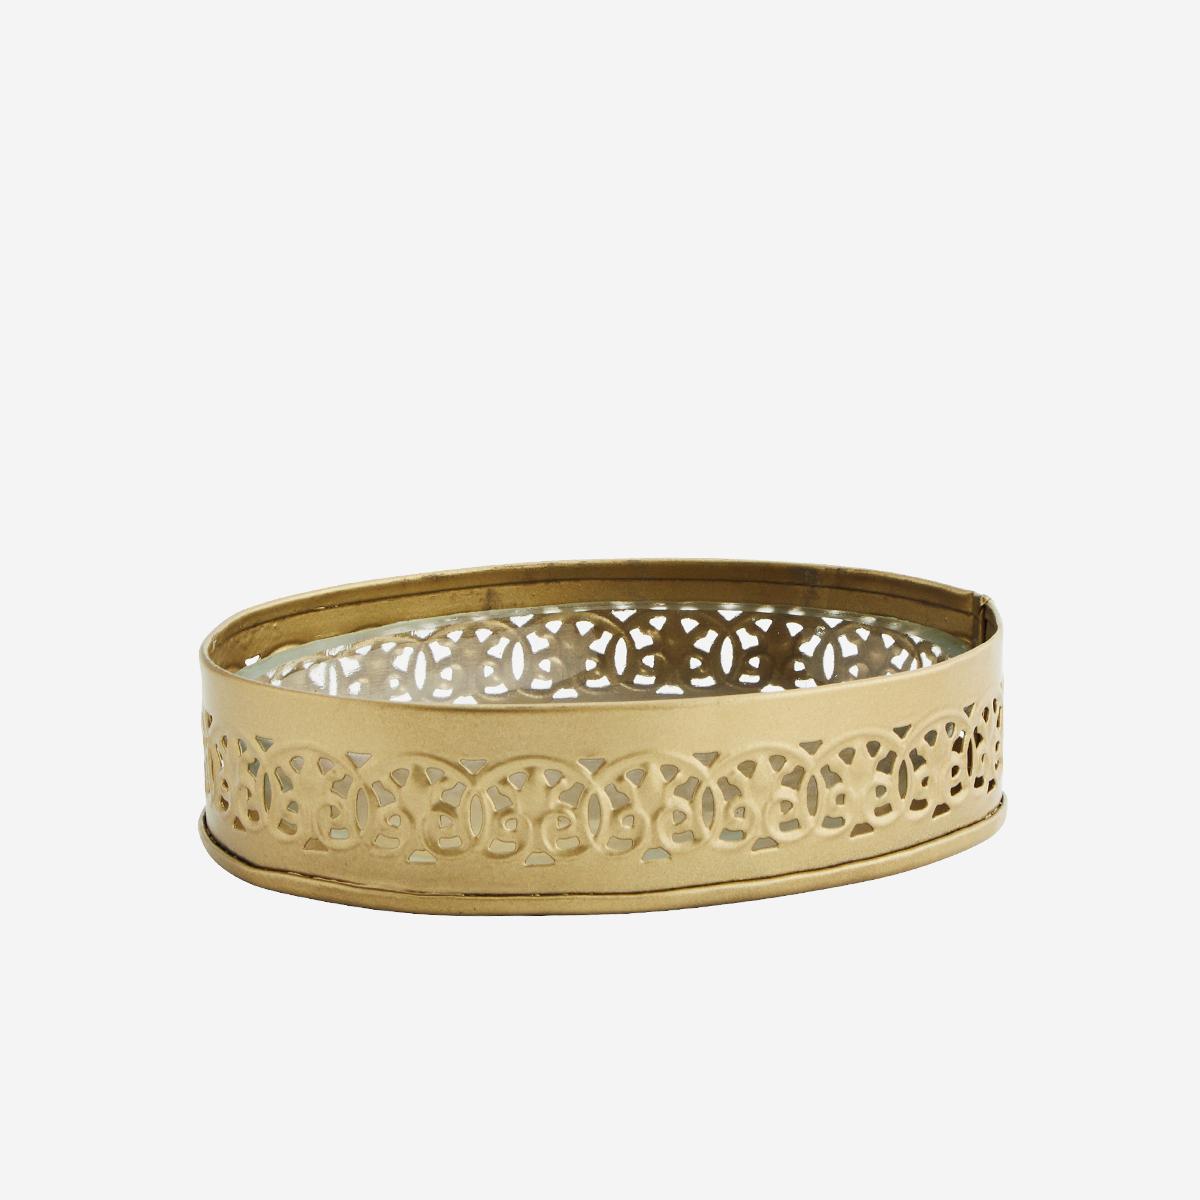 Porte-savon ovale en verre et métal doré * Madam Stoltz